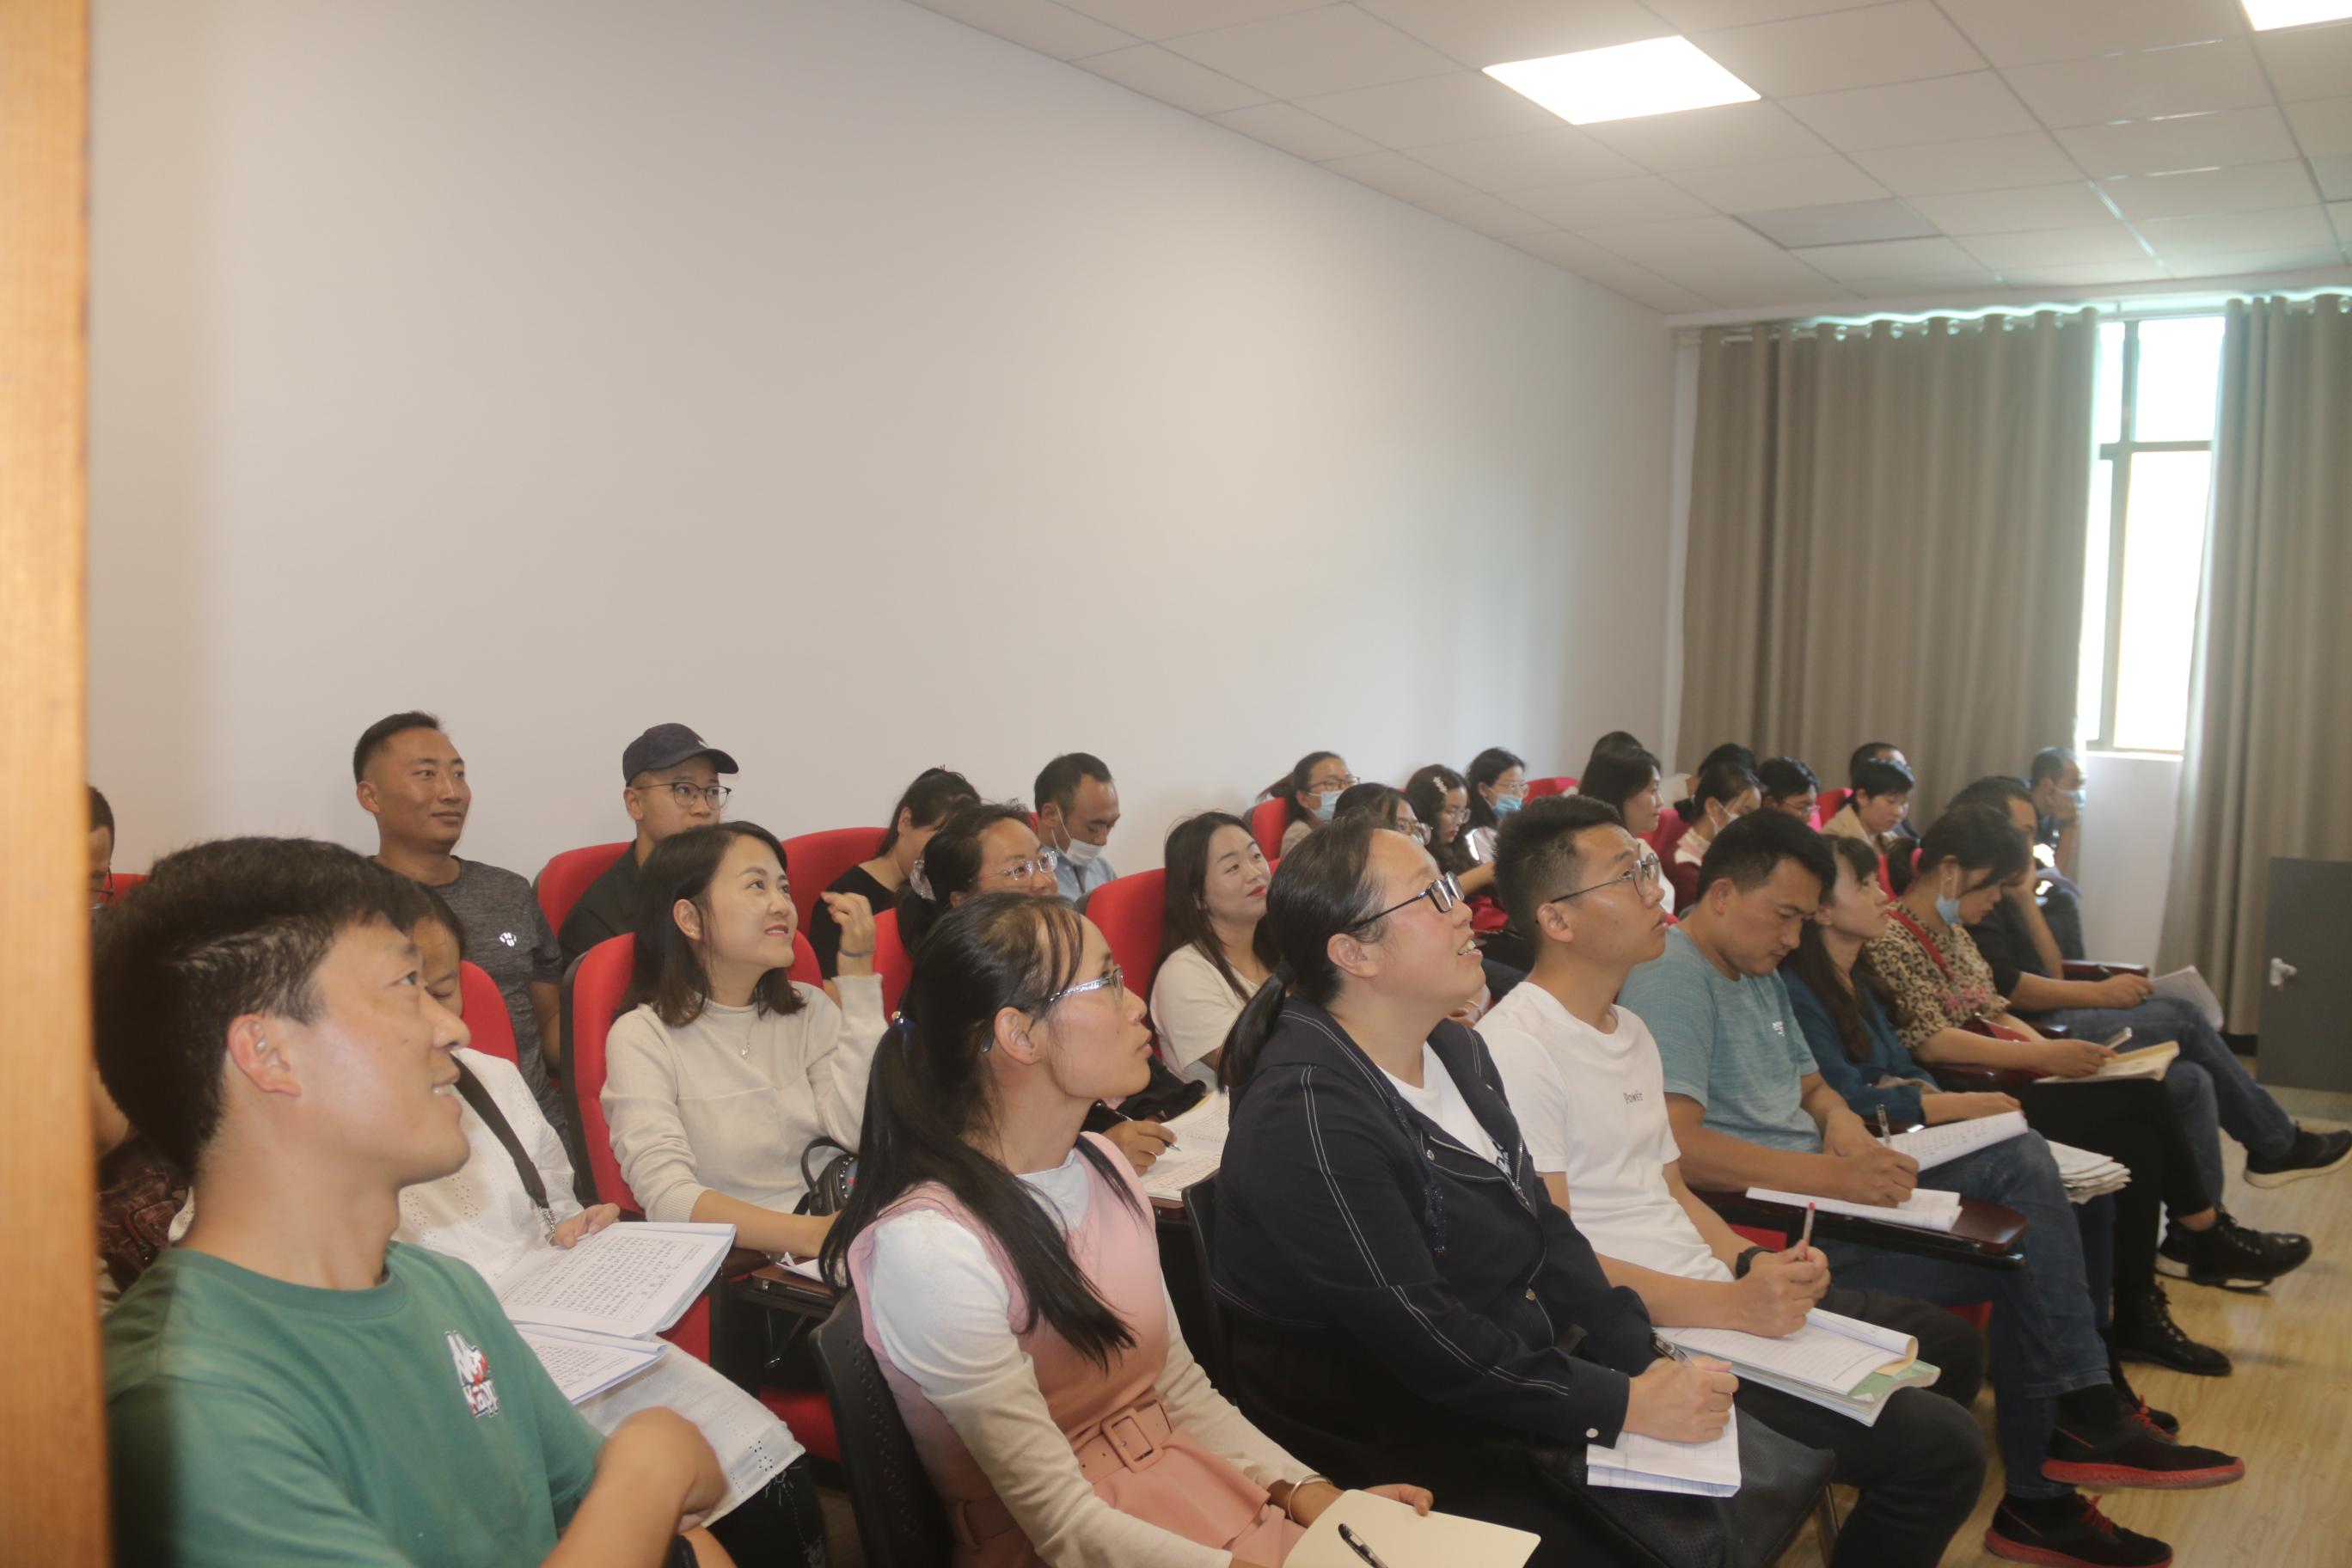 云南省教育厅召开全省普通高中新课程新教材视频会议